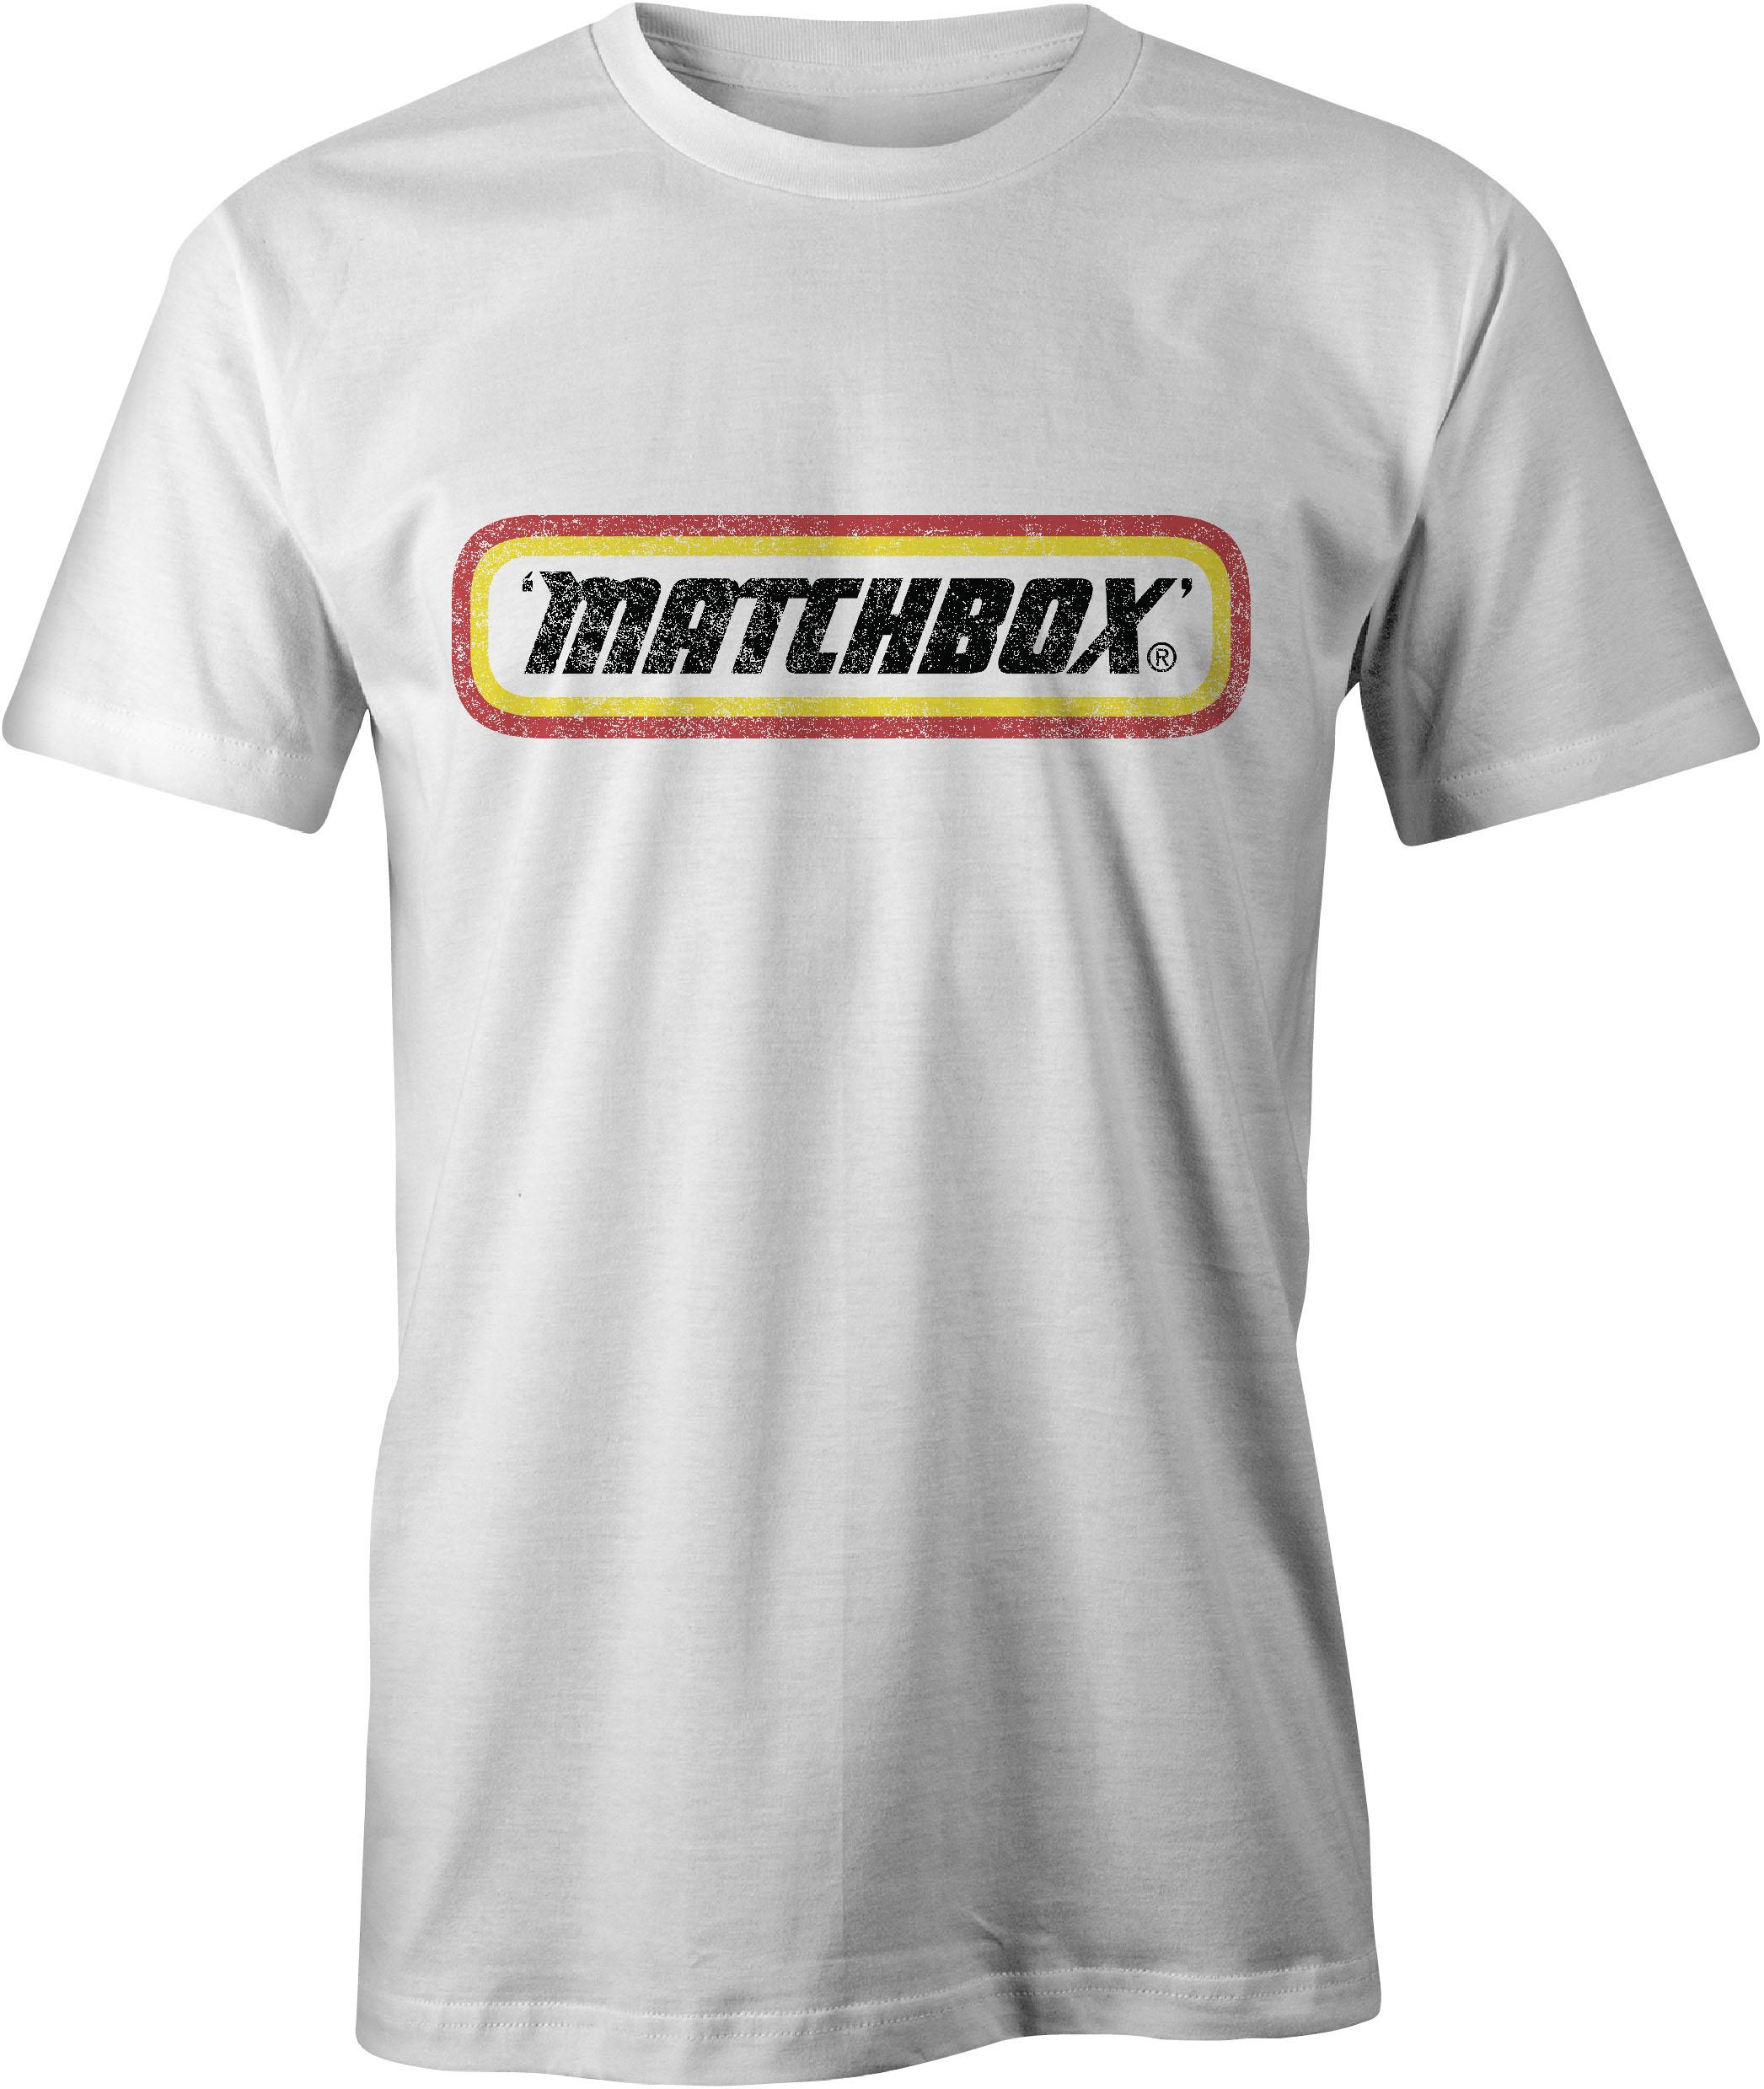 Matchbox T-Shirt White